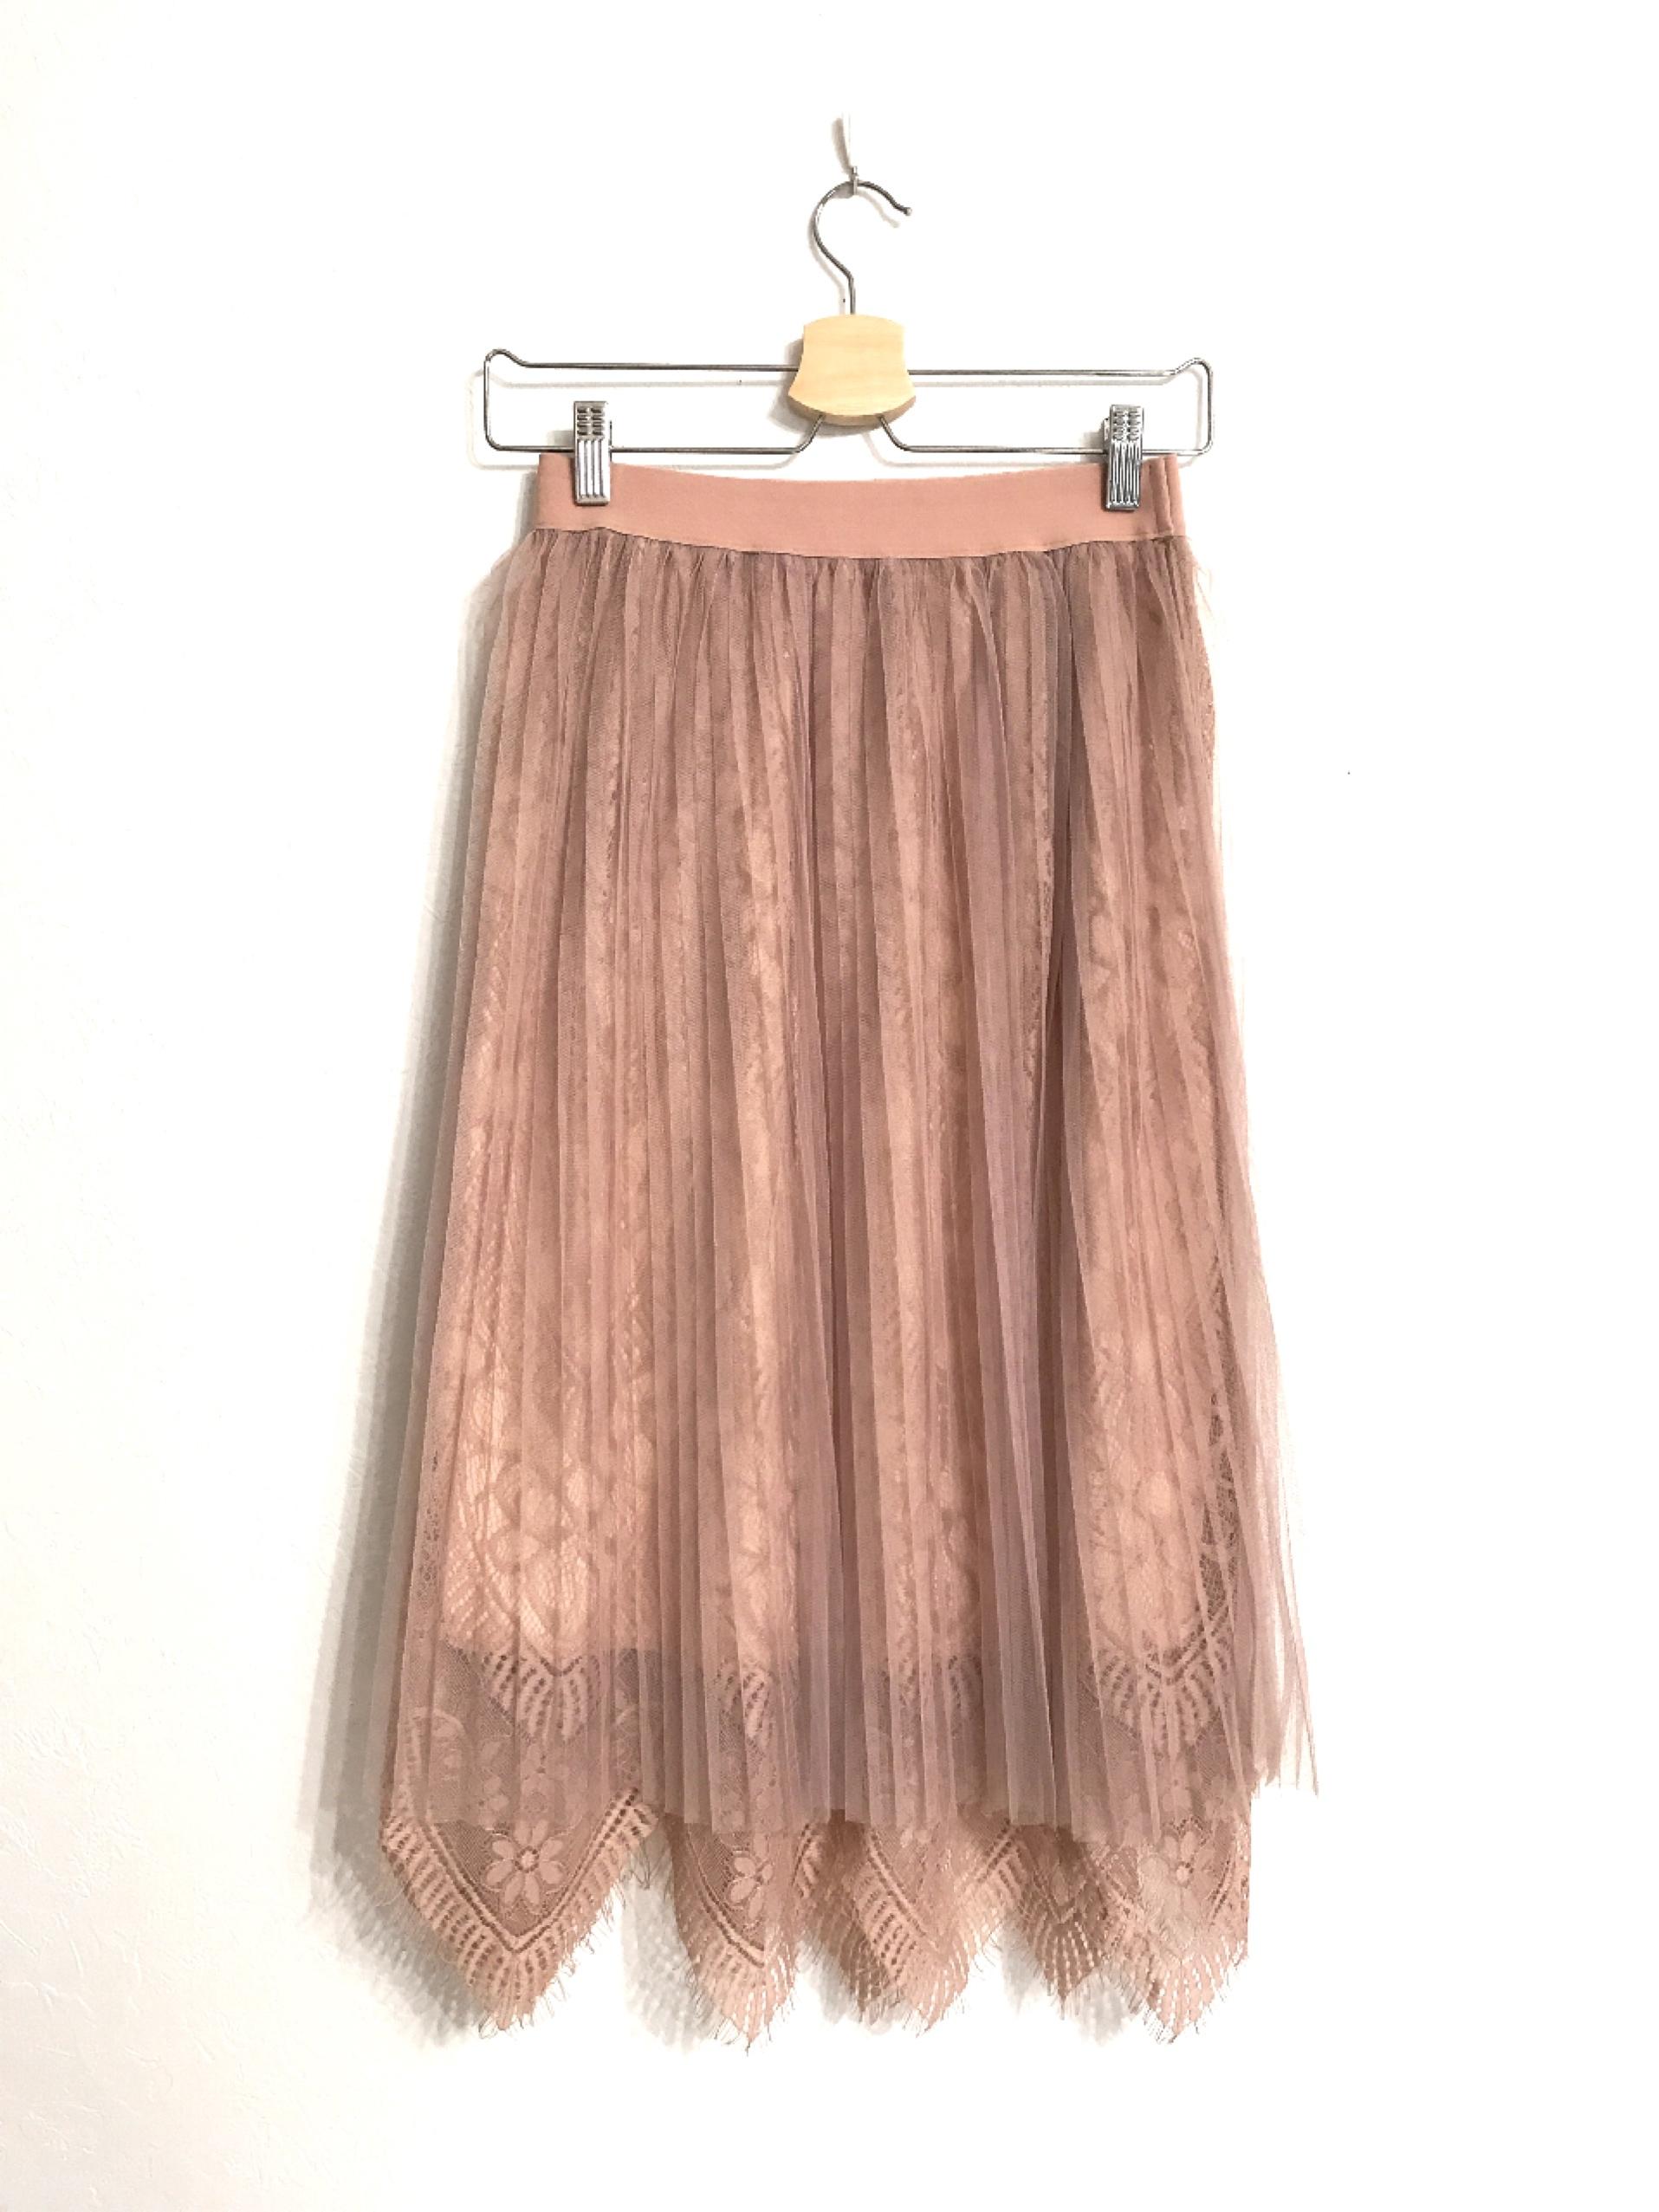 再入荷★スカラップ裾のレース&プリーツチュールスカート ピンクベージュ